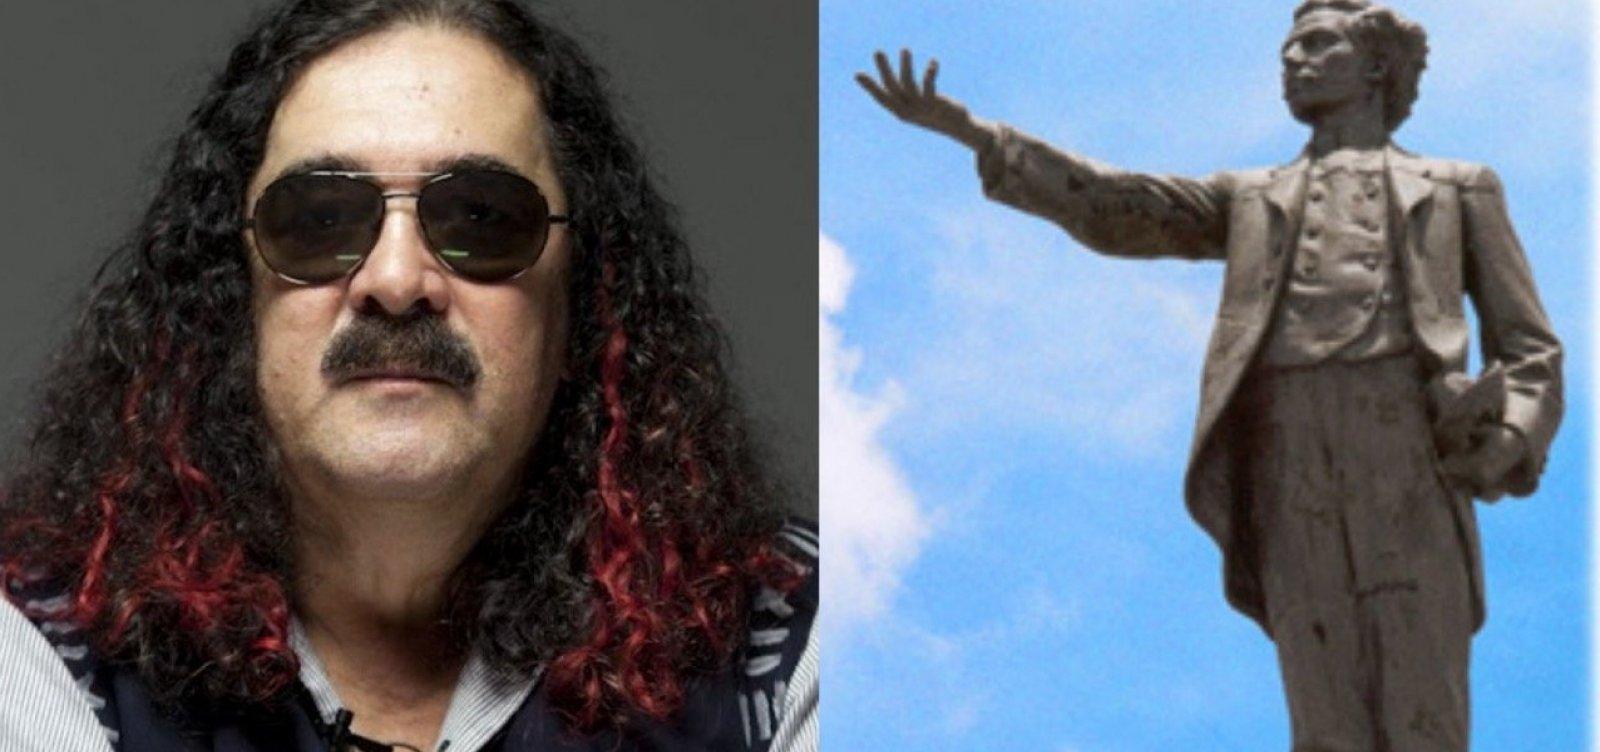 Artista que imortalizou a praça, Moraes Moreira ganhará estátua ao lado de Castro Alves